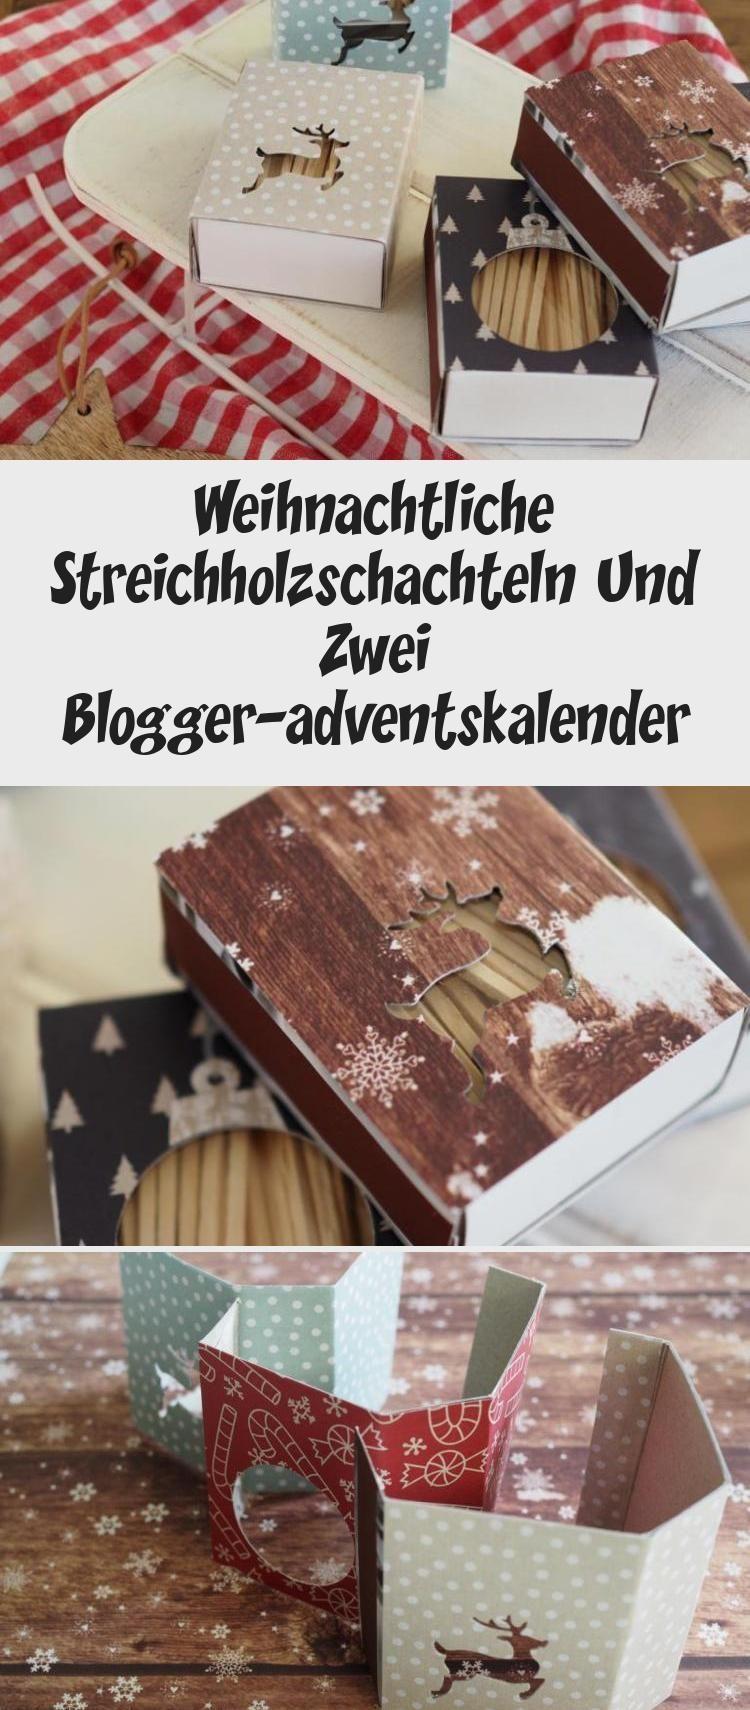 Weihnachts-Streichholzschachteln #Geschenkideen kleine DingeHochzeit #Geschenk